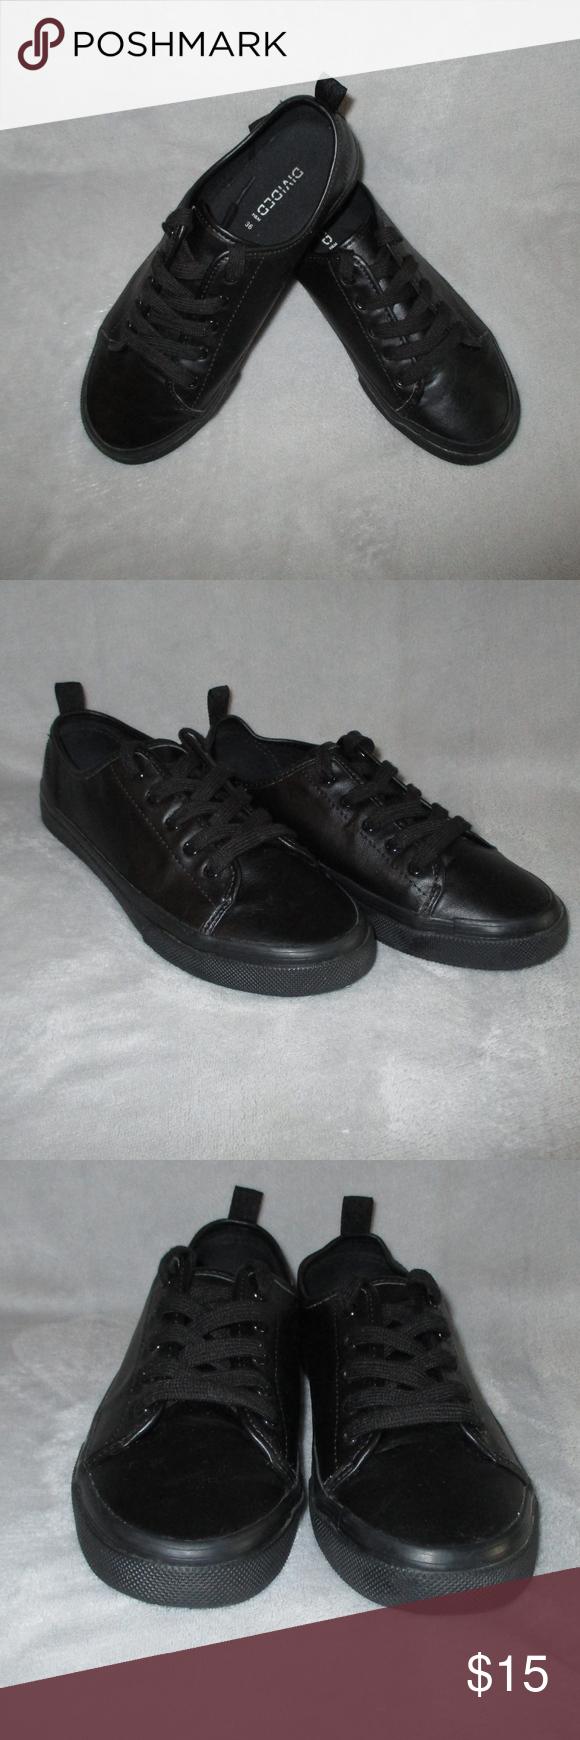 H \u0026 M Shoes | H\u0026m shoes, Shoes, All